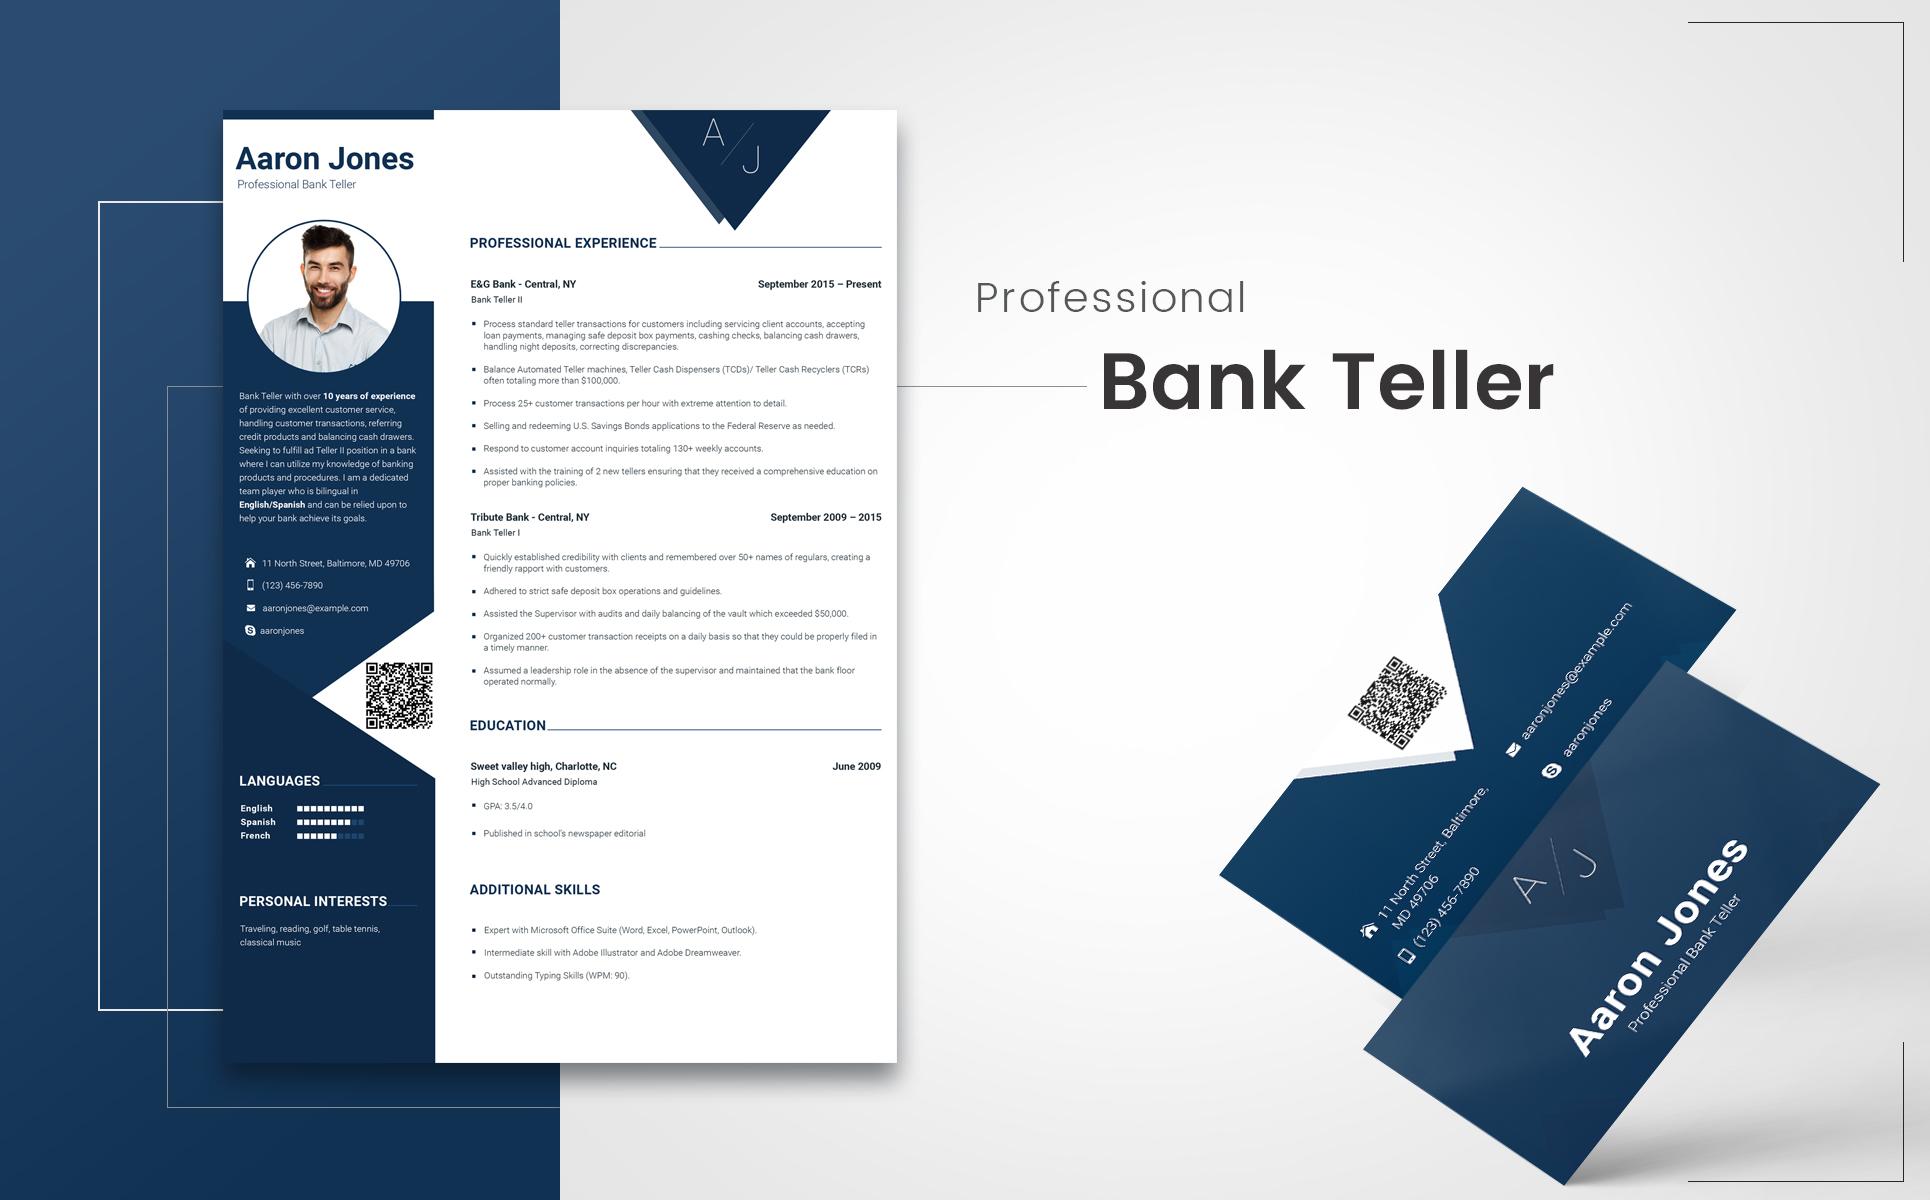 Aaron Jones Bank Teller Resume Template 65242